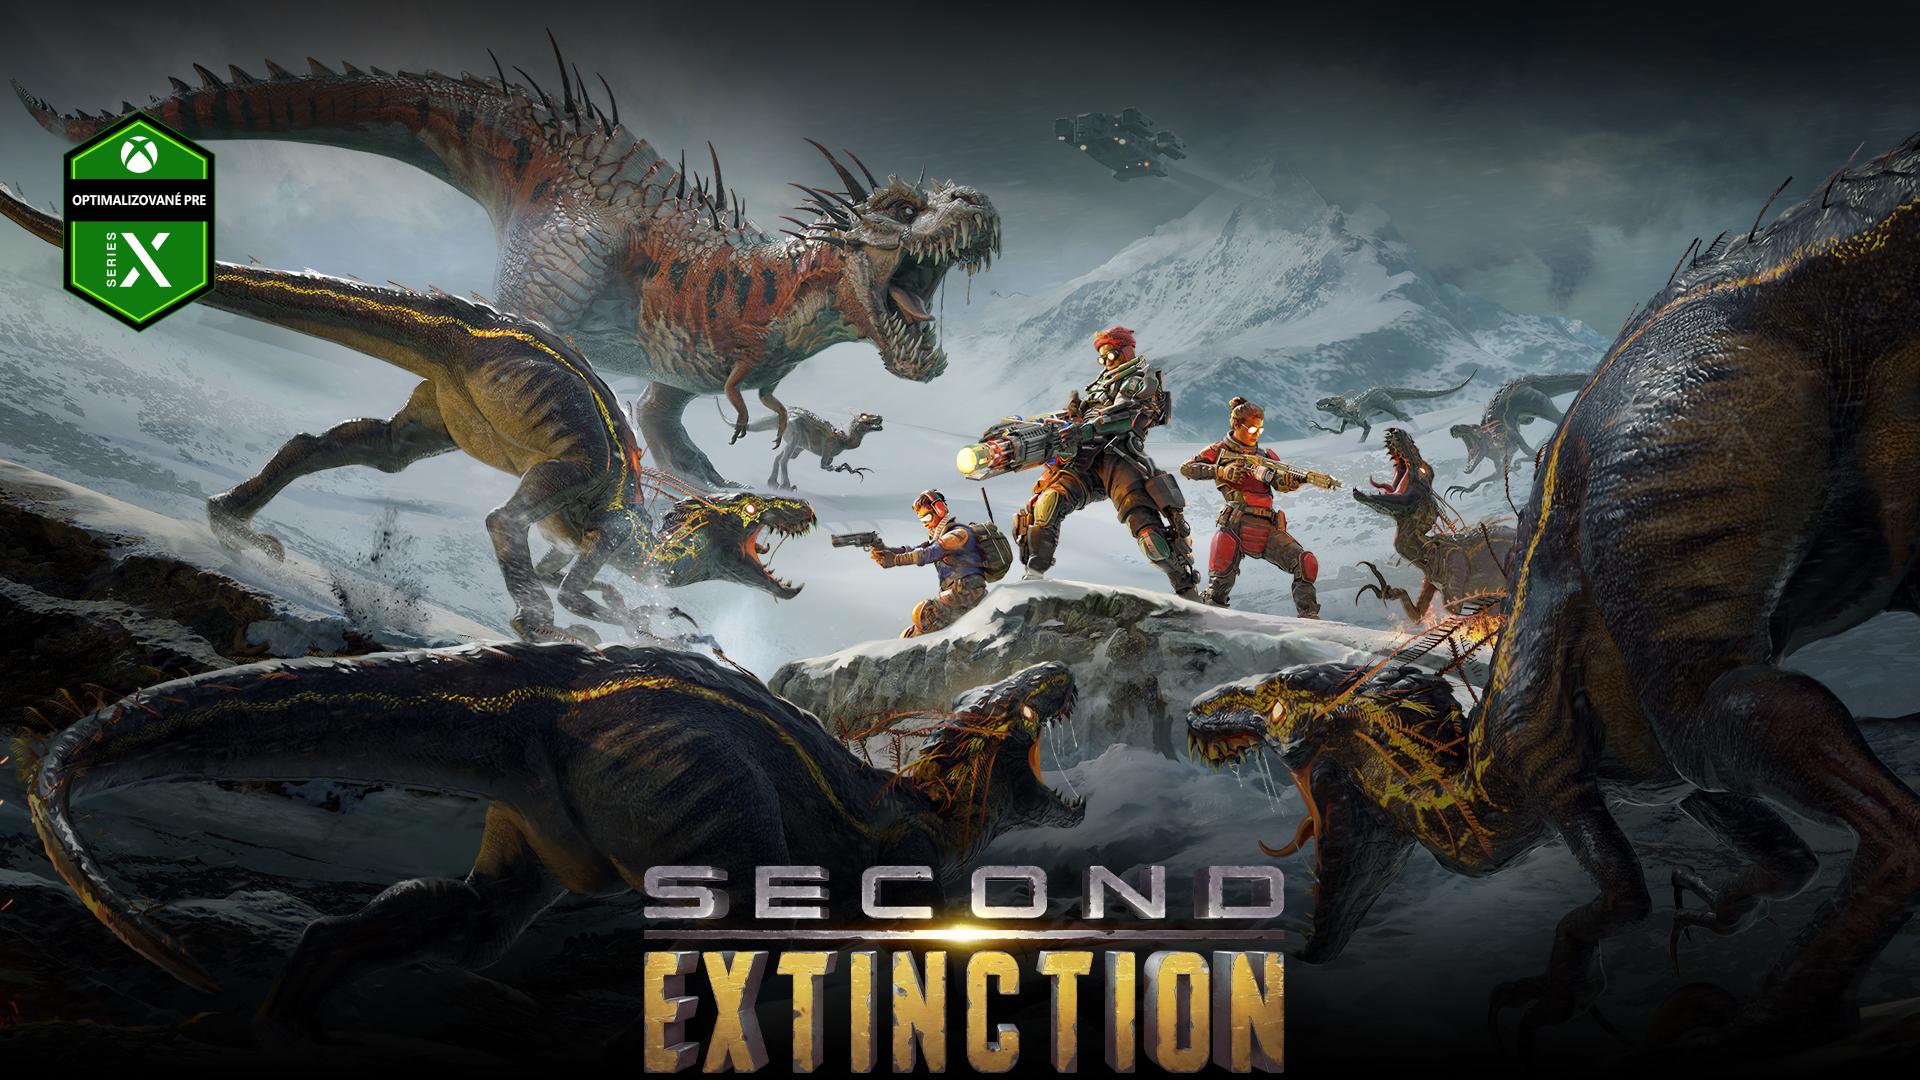 Second Extinction, Optimalizované pre Series X, skupina postáv stretáva skupinu dinosaurov.